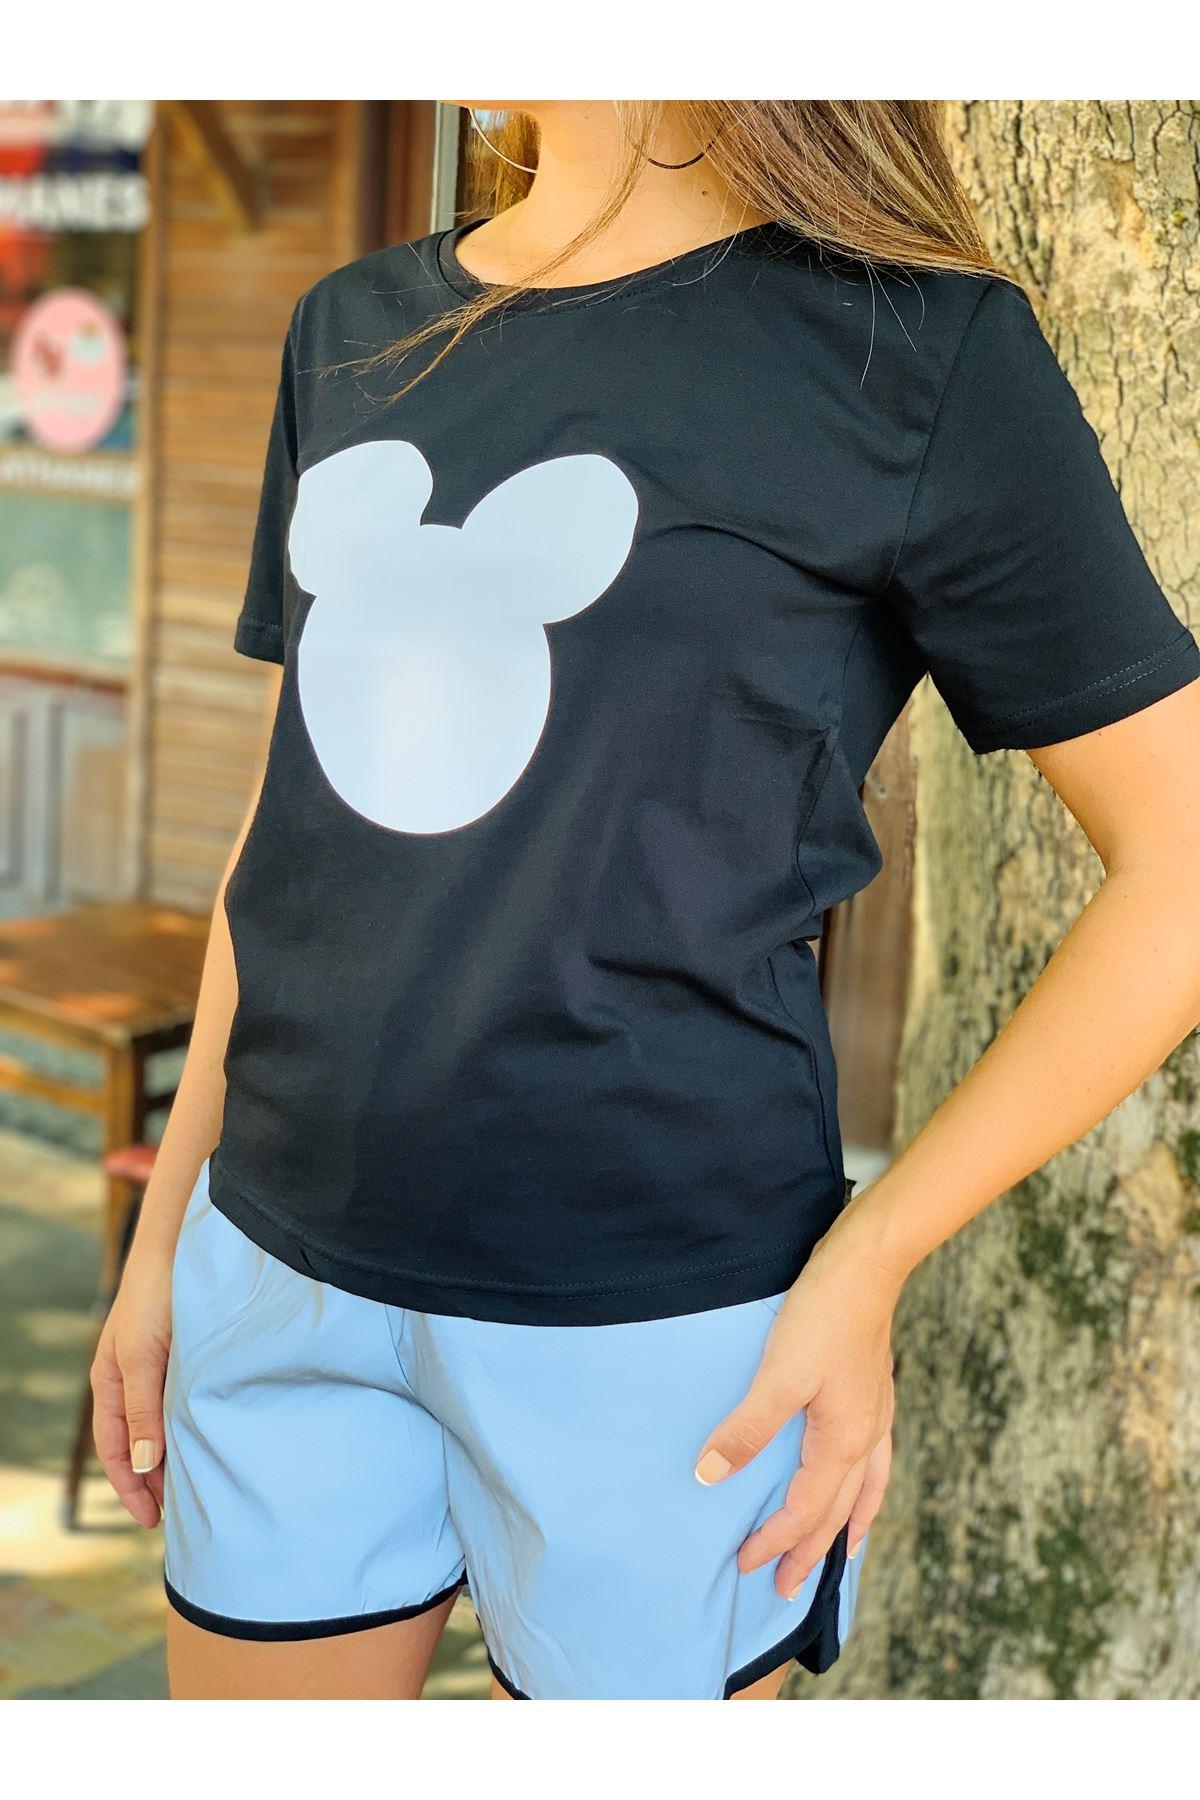 Mickey reflektör şortlu takım